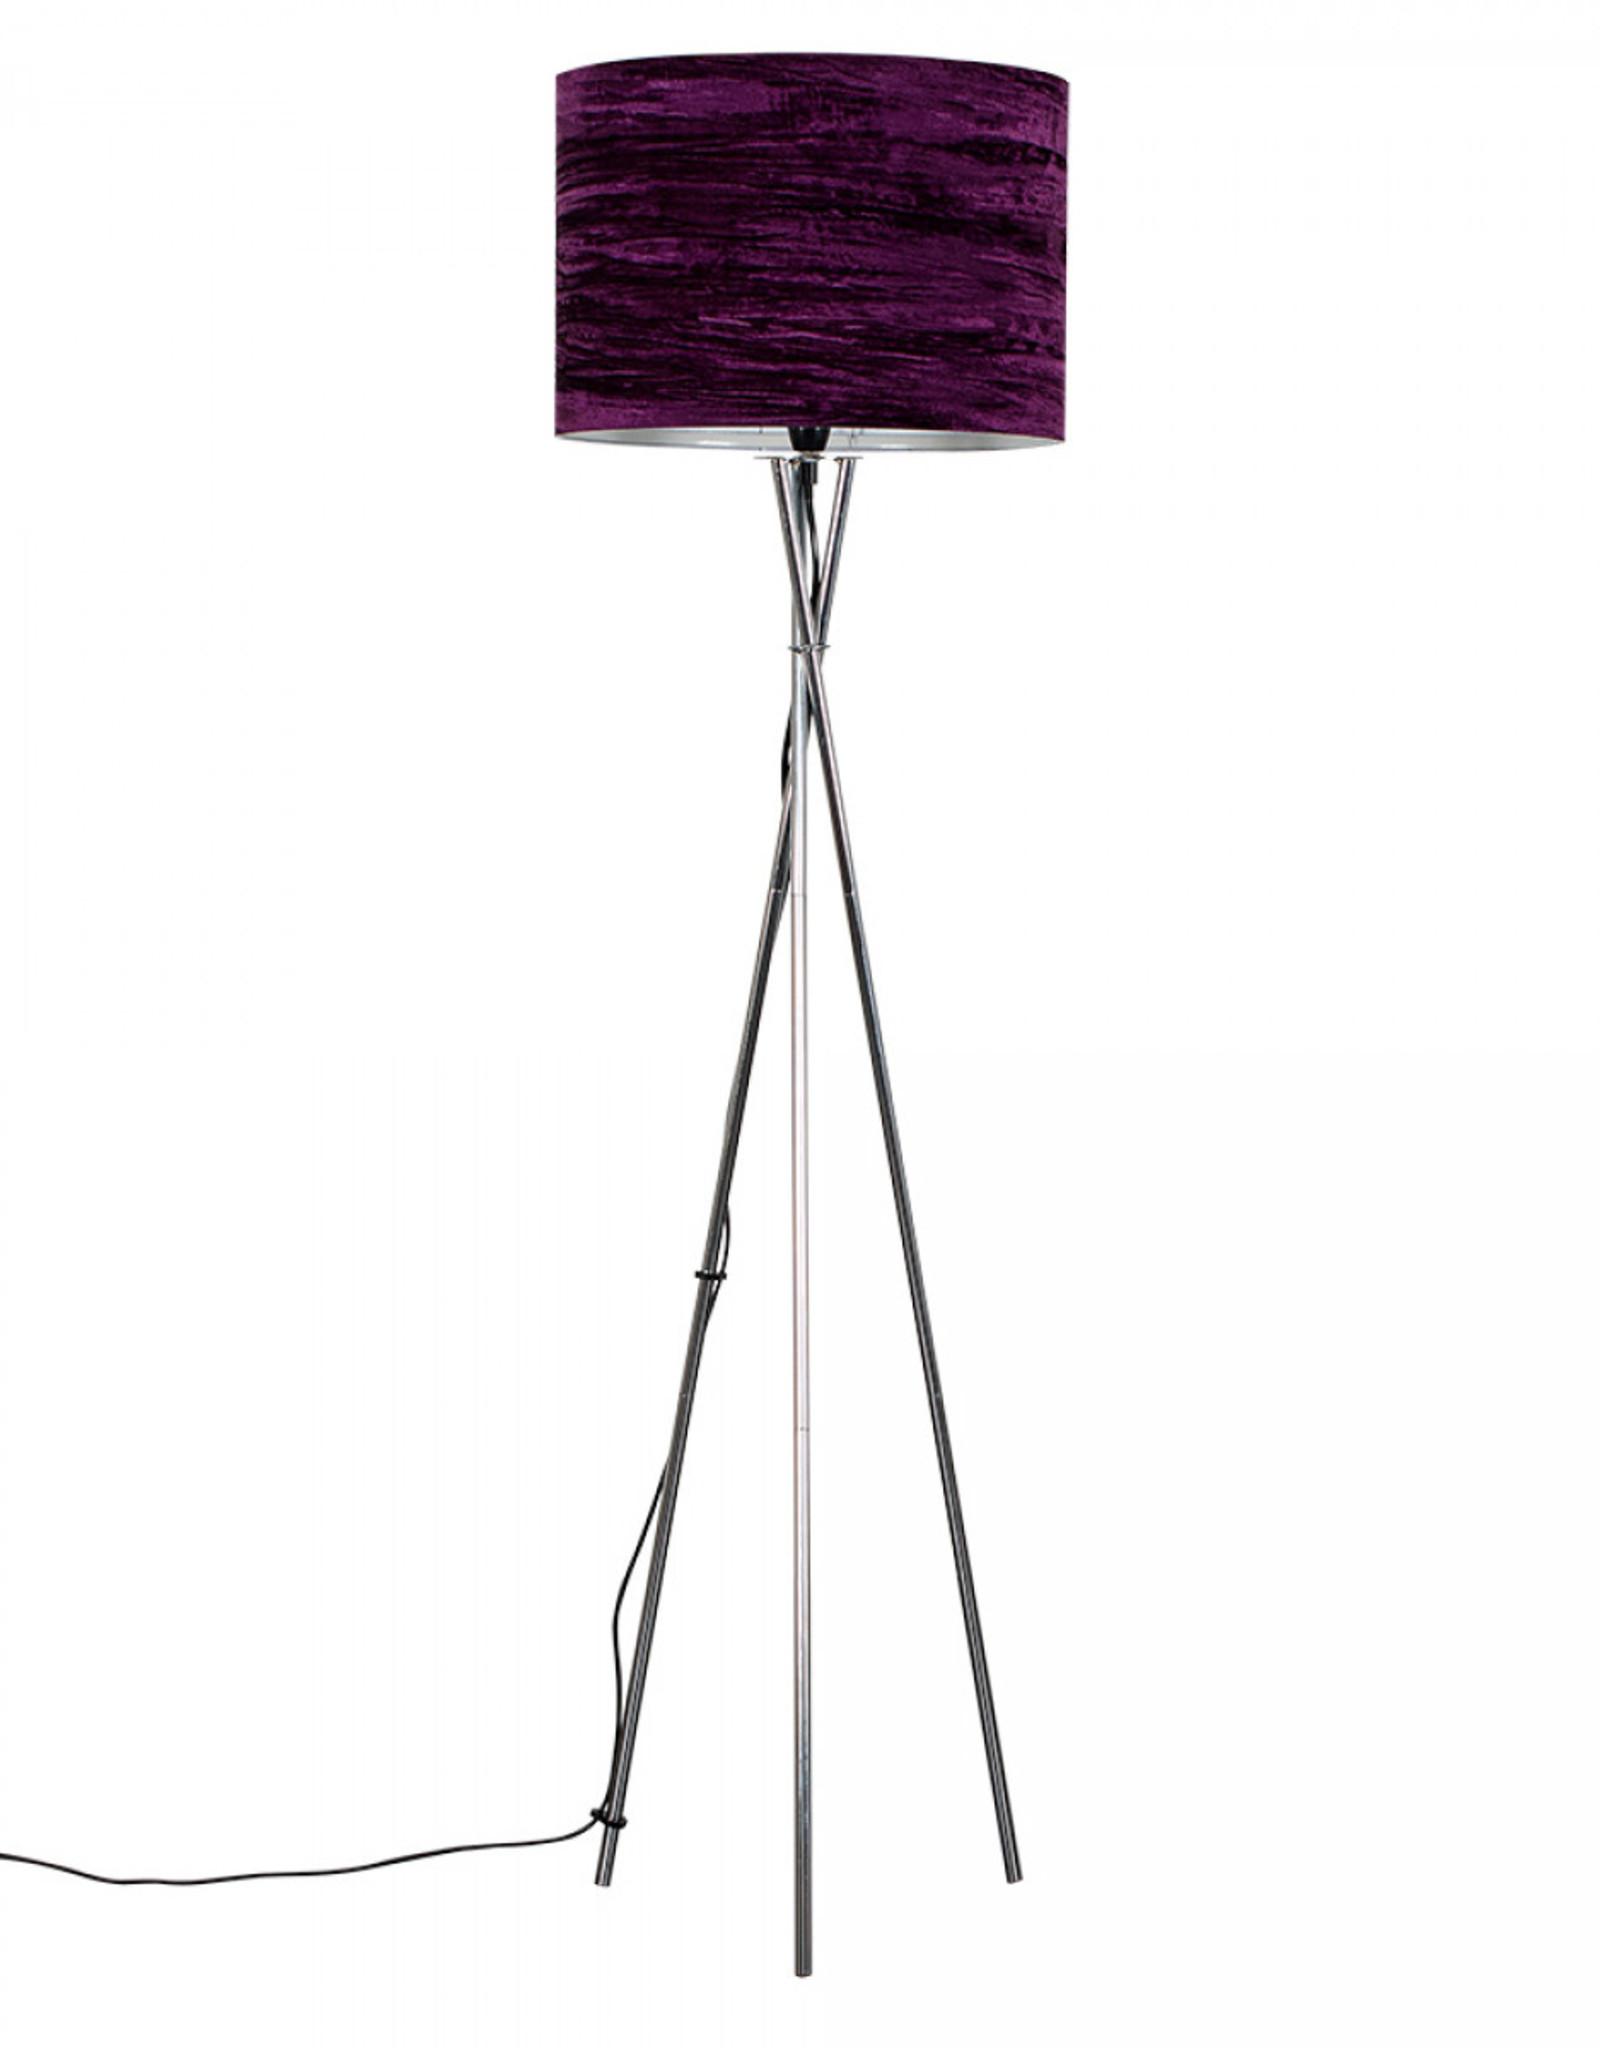 Crownmark Chrome Floor Lamp